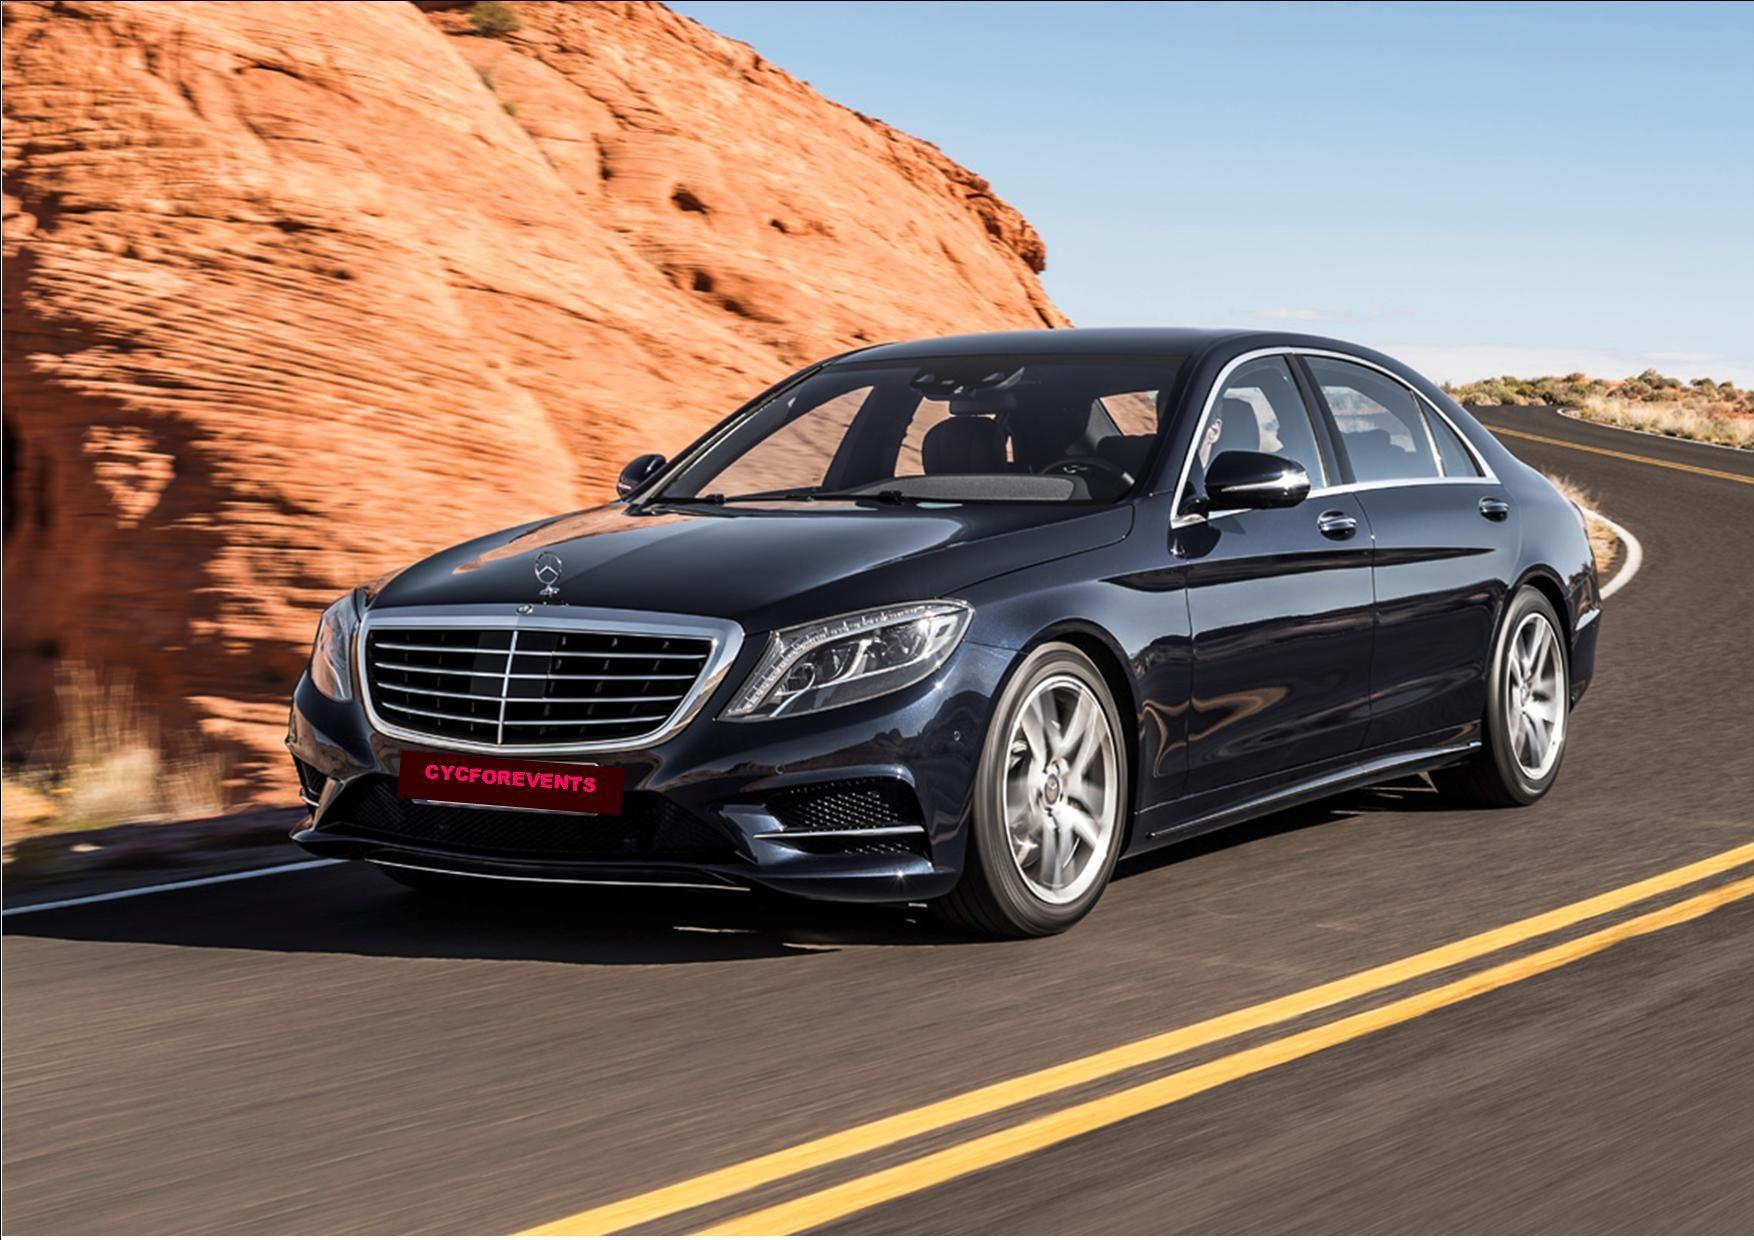 Luxury Car Rental Websites